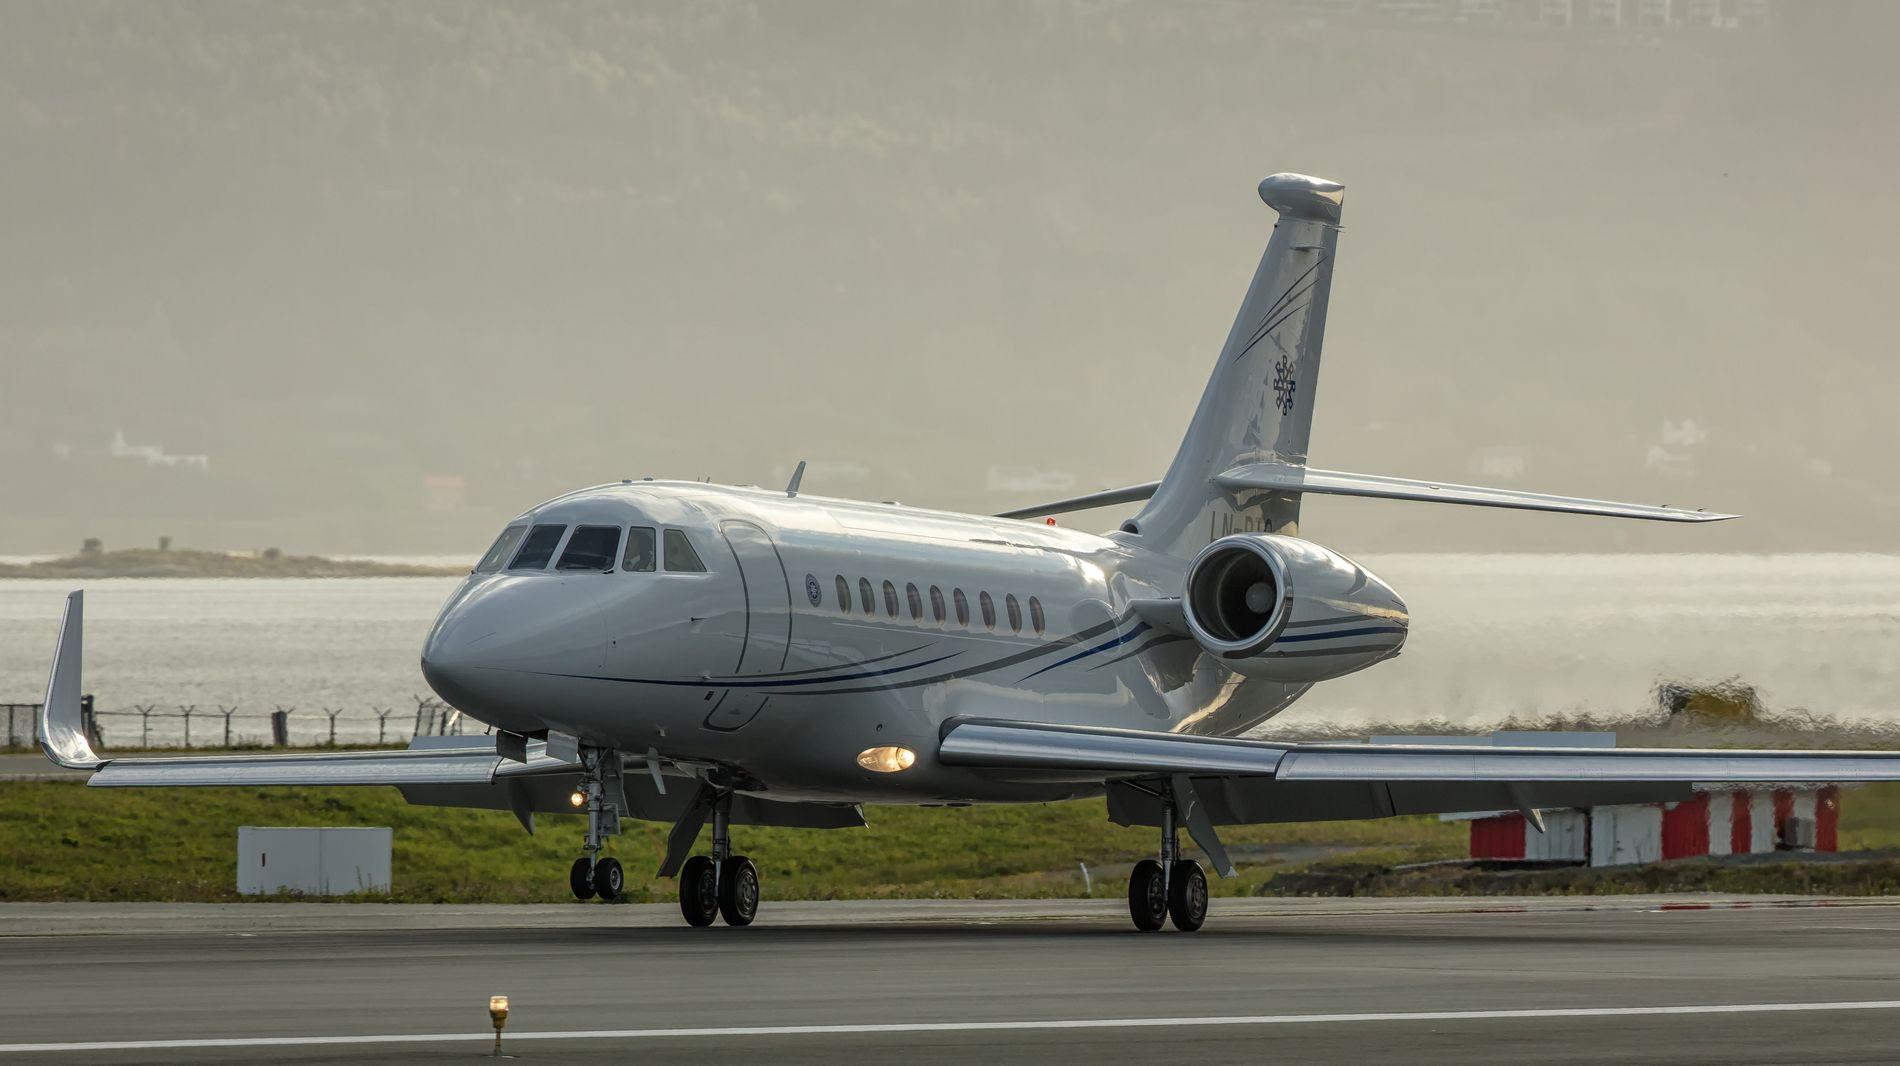 AIR REITAN: Reitans nye fly er av typen Dassault Falcon 2000LXS, med en listepris på 287 millioner kroner. Her avfotografert på Værnes, flyet er jevnlig i bruk.